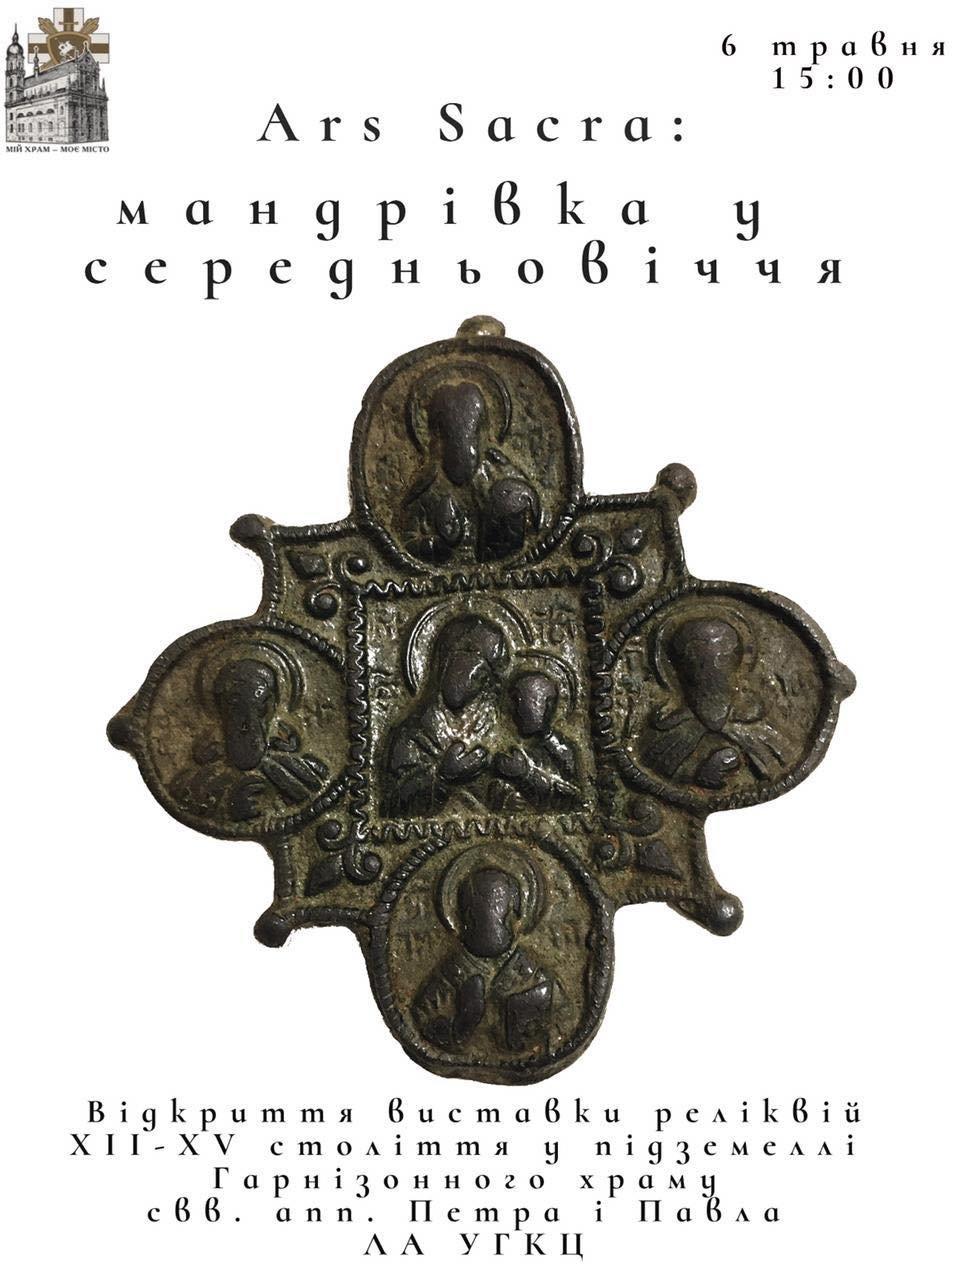 У Гарнізонному храмі відкриють виставку реліквій XII-XV століття, Фото: преасслужби Львівської міськради